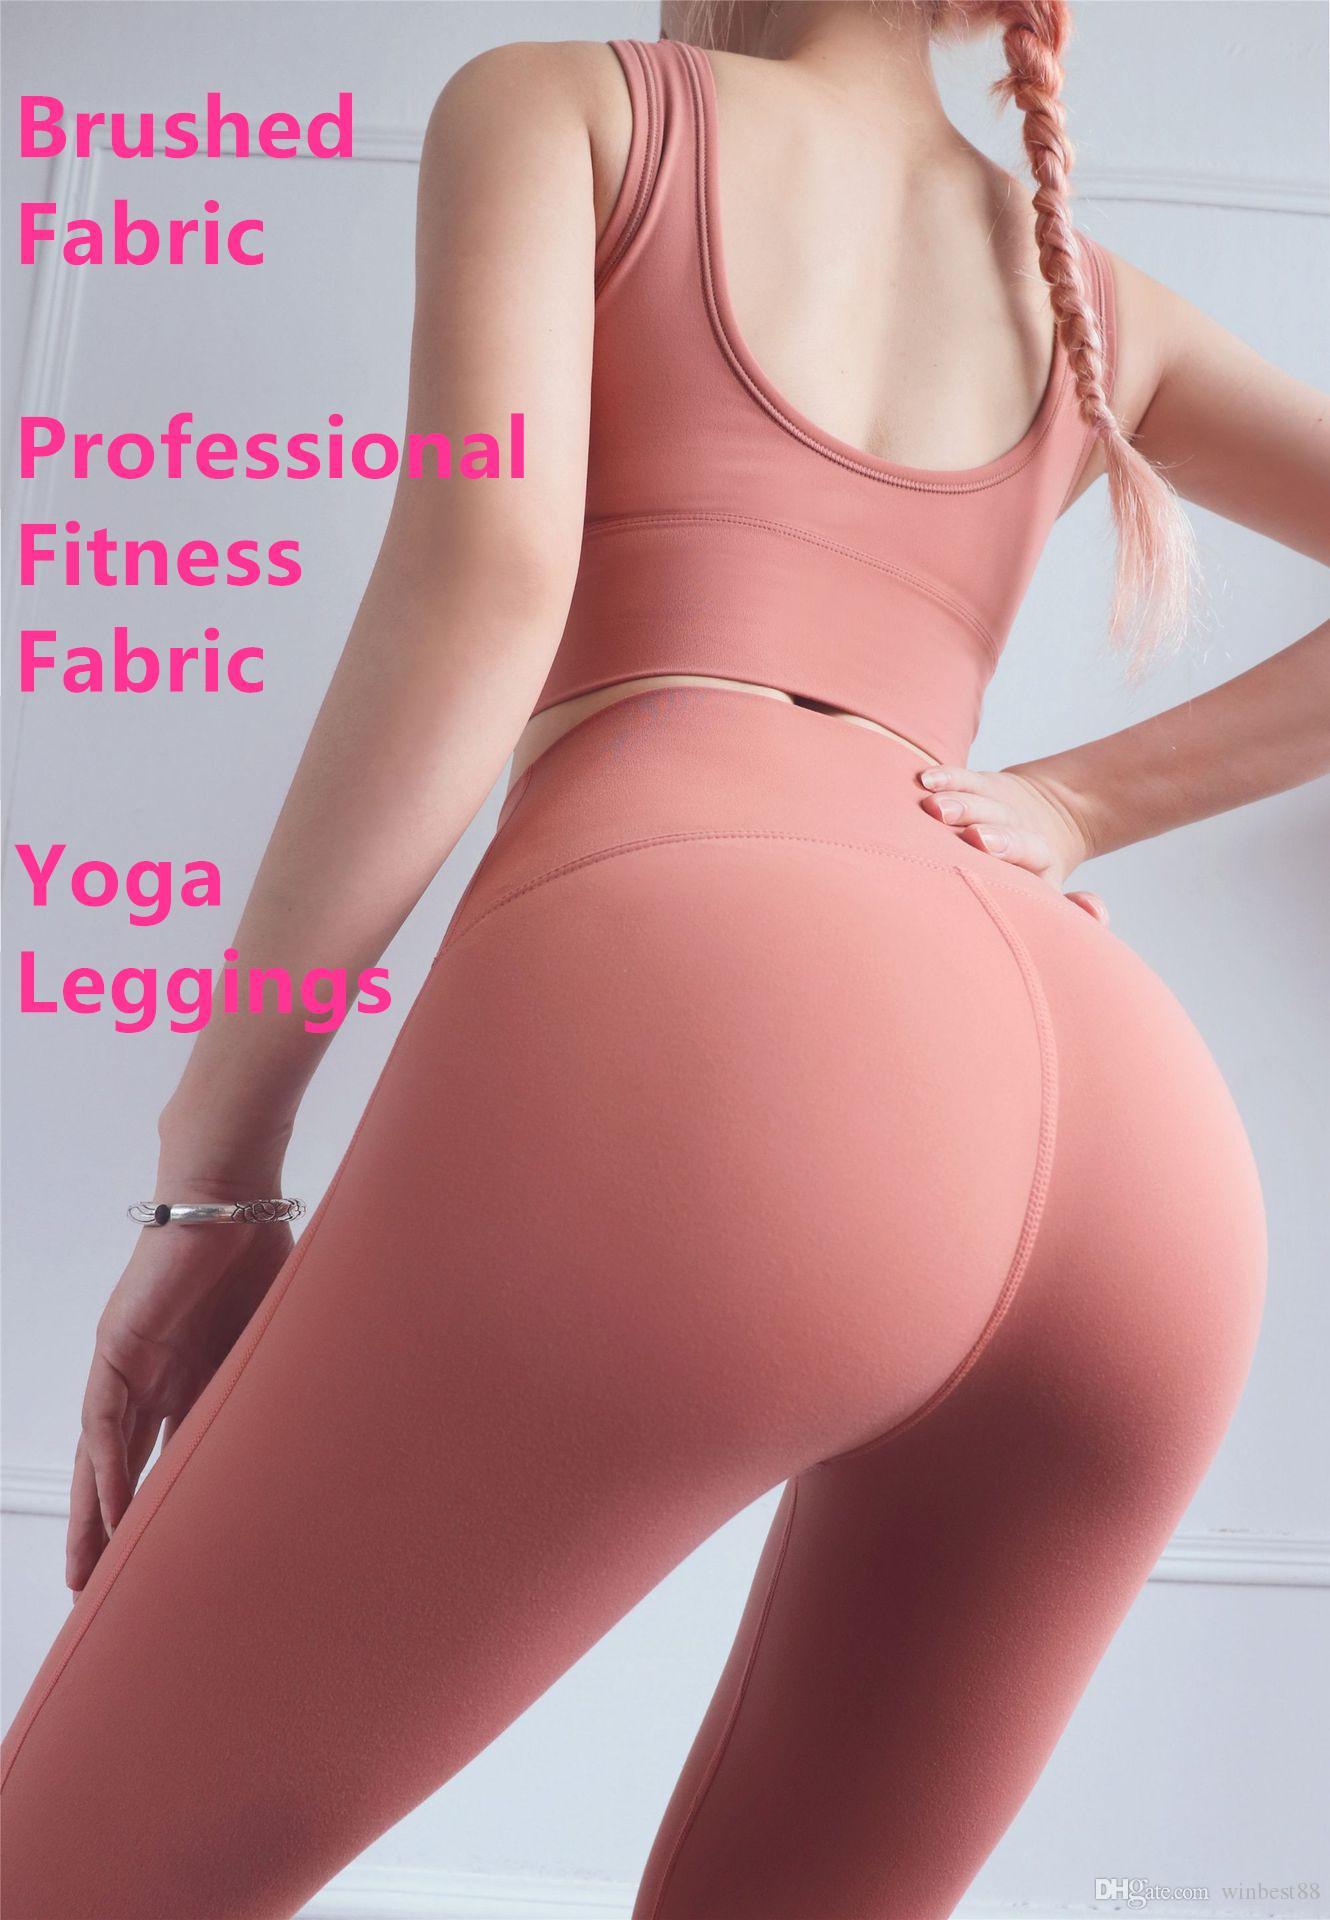 Femmes Double Side Brossé Fibre Yoga professionnel Leggings jogging Designer Sport Femmes Pantalons Fitness Double Side sablée de 5colors fibre